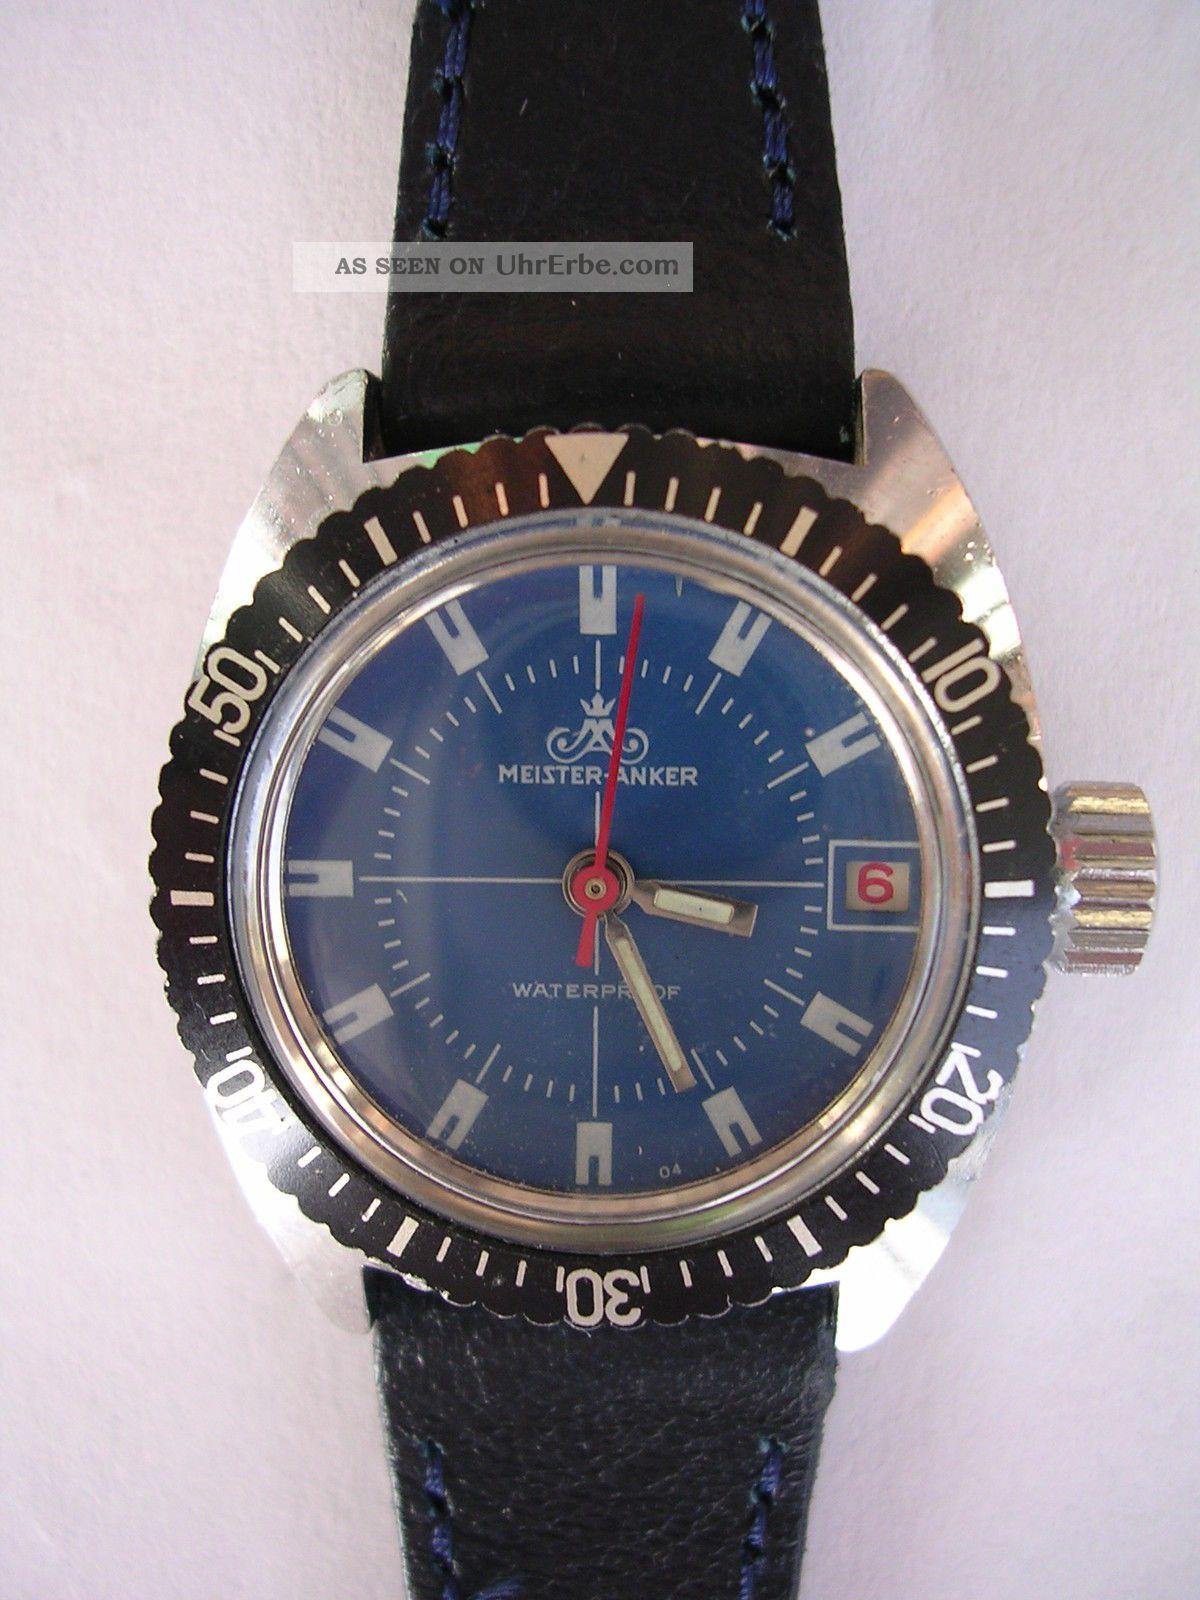 Für Sammler Handaufzug Vintage Damenruhr Meister Anker Dau Diver - Stil Armbanduhren Bild